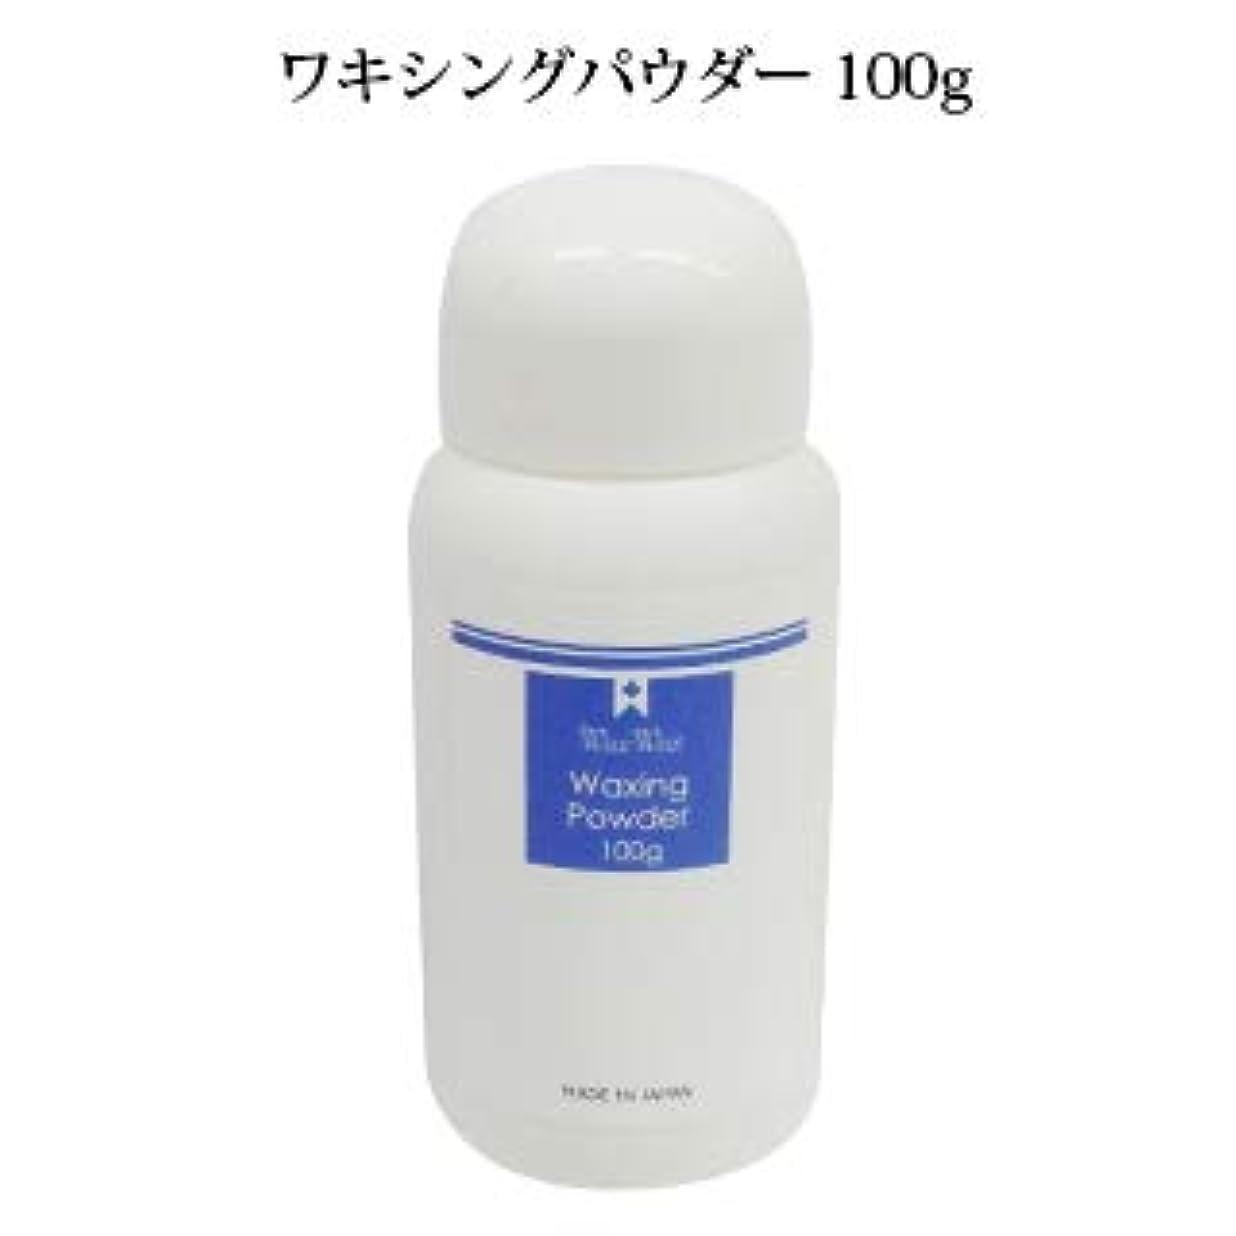 急襲出演者マットレスNew ワキシングパウダー 100g ~施術前処理~